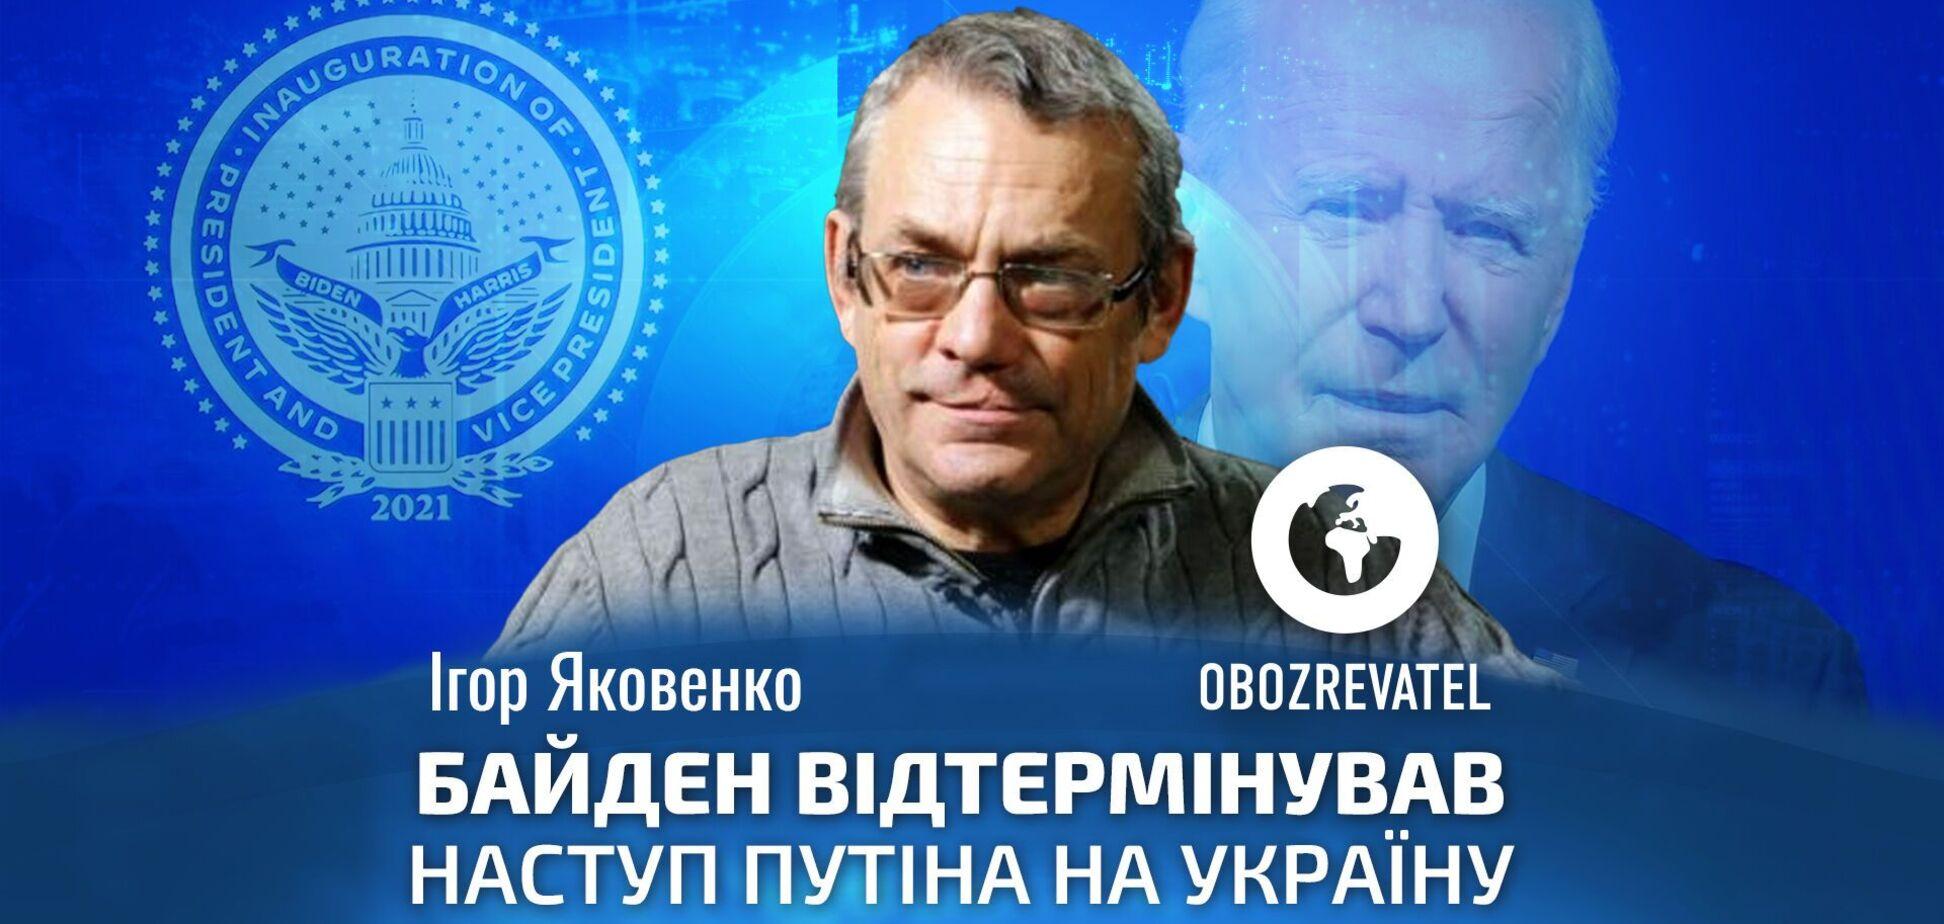 Яковенко: Байден відтермінував наступ Путіна